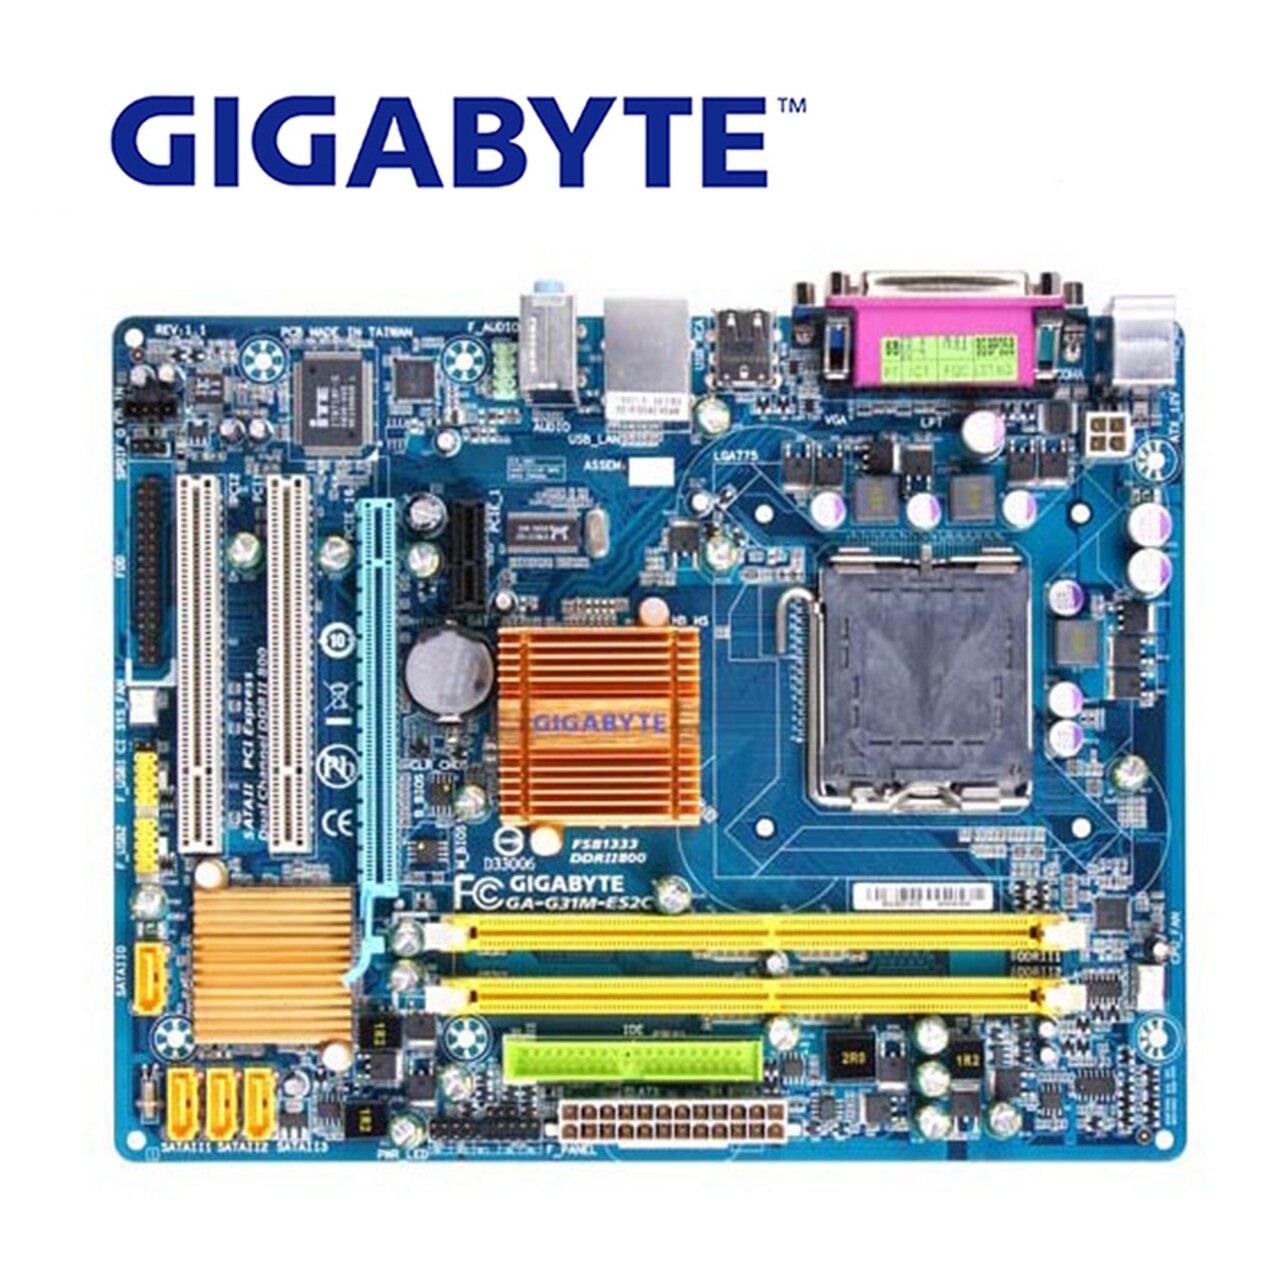 LGA 775 DDR2 Pour Intel Gigabyte GA-G31M-ES2C 100% D'origine Carte Mère 4G G31 G31M-ES2C De Bureau Carte Mère Systemboard Utilisé